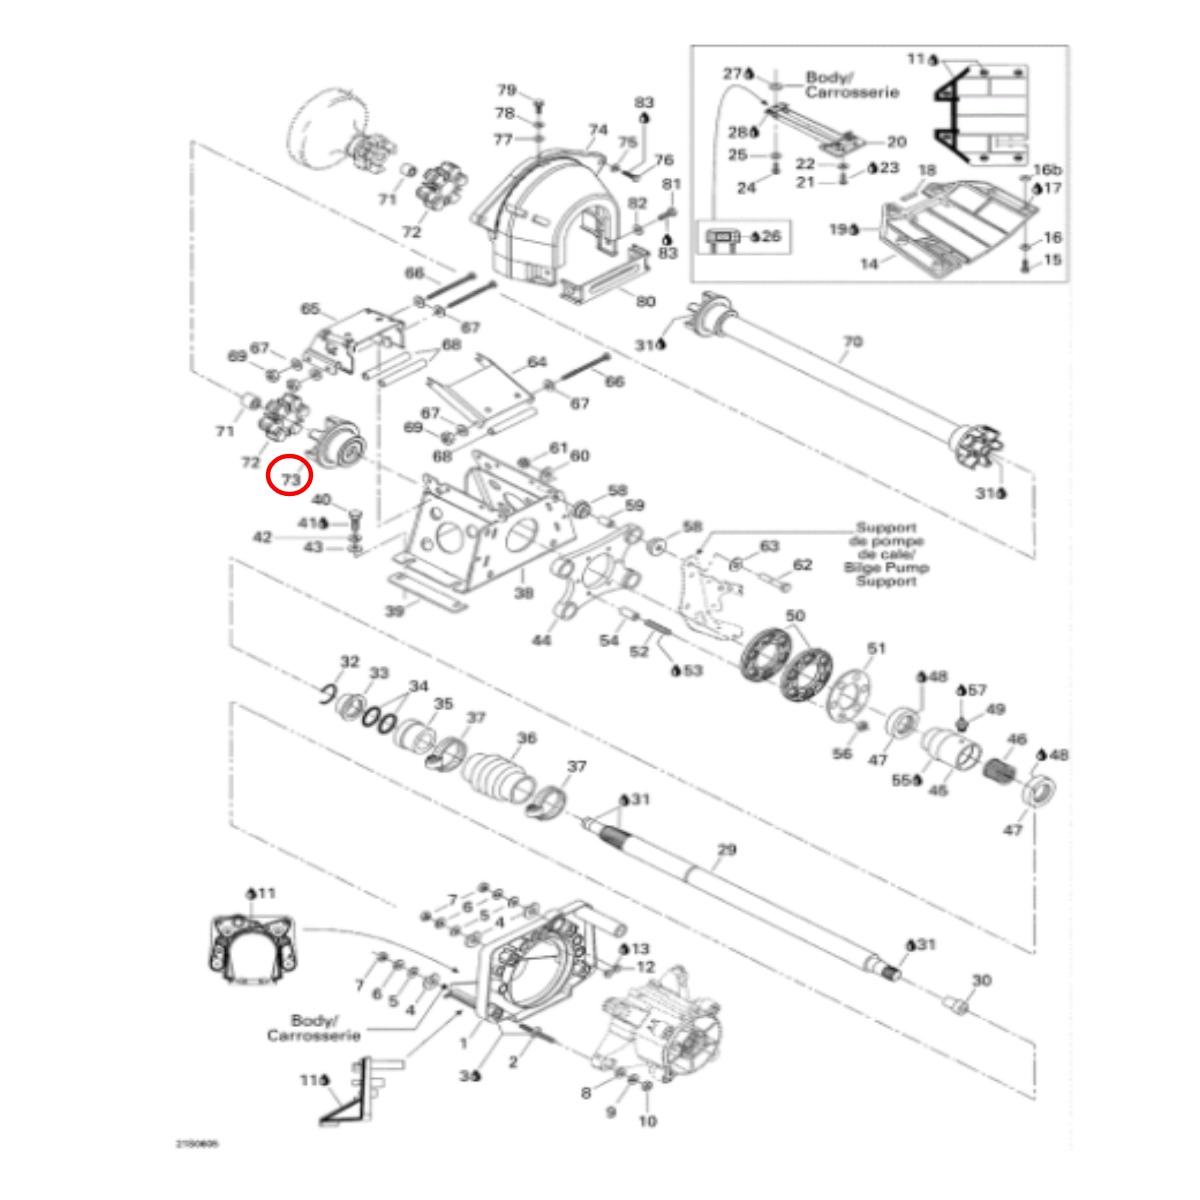 Acoplador para Jet Ski Sea Doo 580/650 24mm  - Radical Peças - Peças para Jet Ski